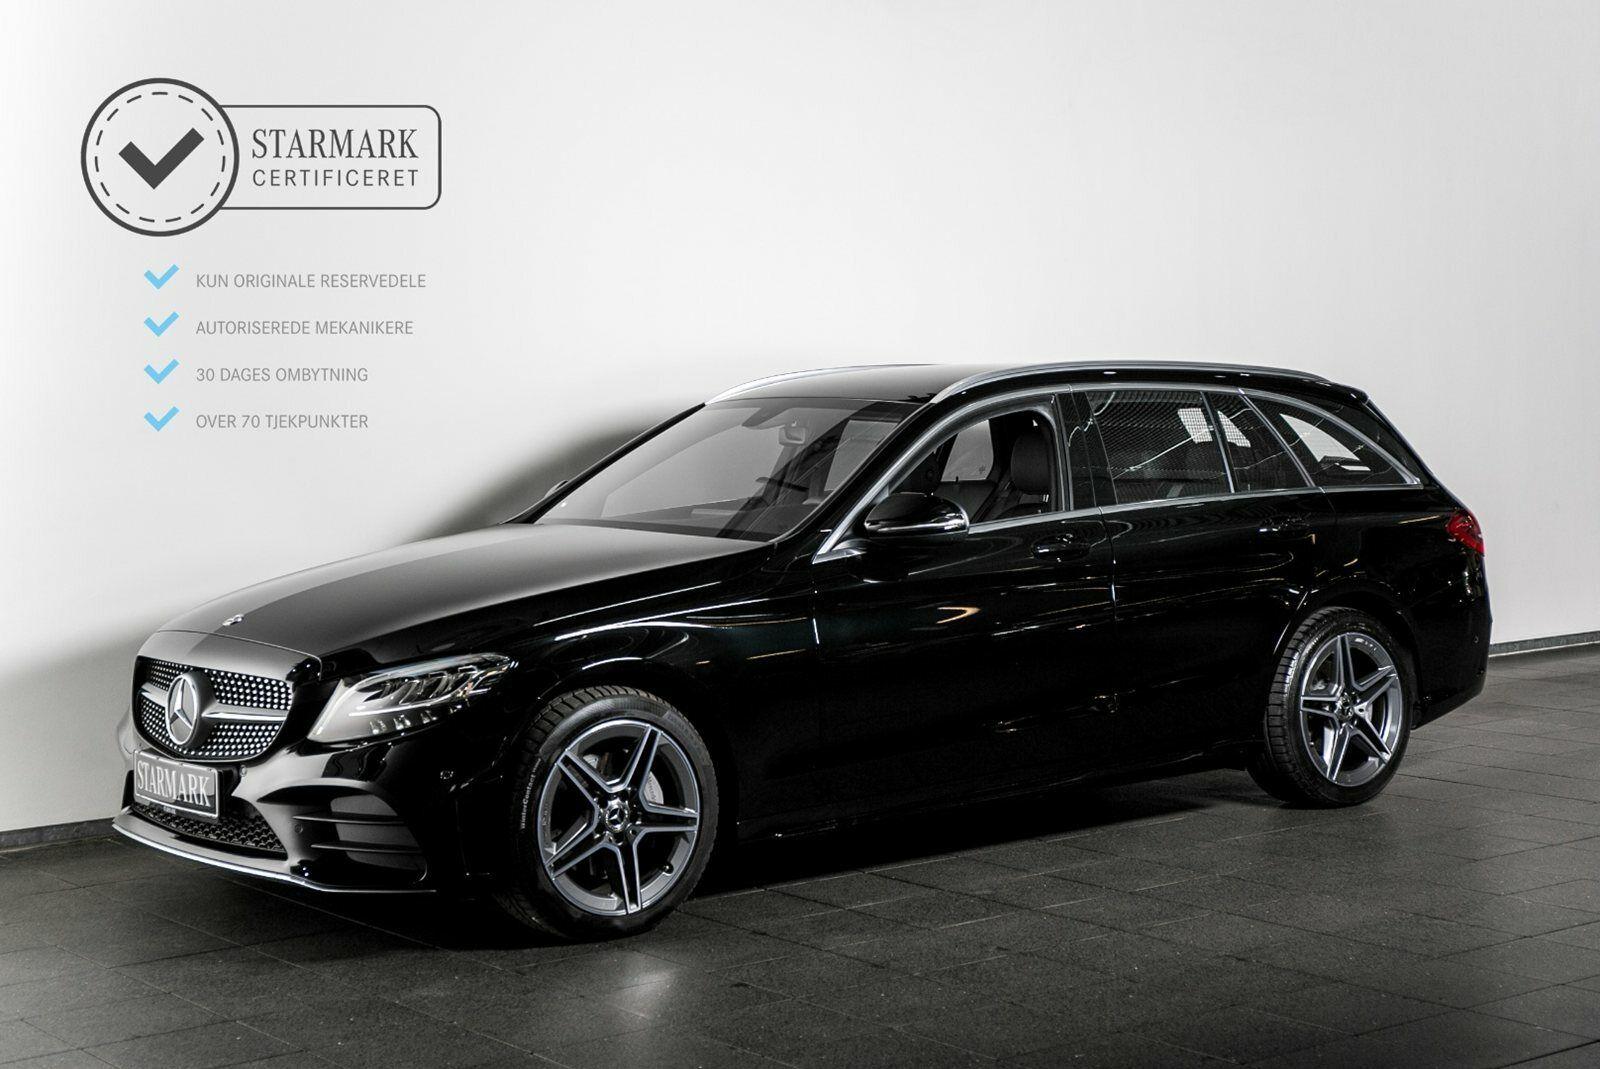 Mercedes C200 1,5 AMG Line stc. aut. 5d - 479.900 kr.